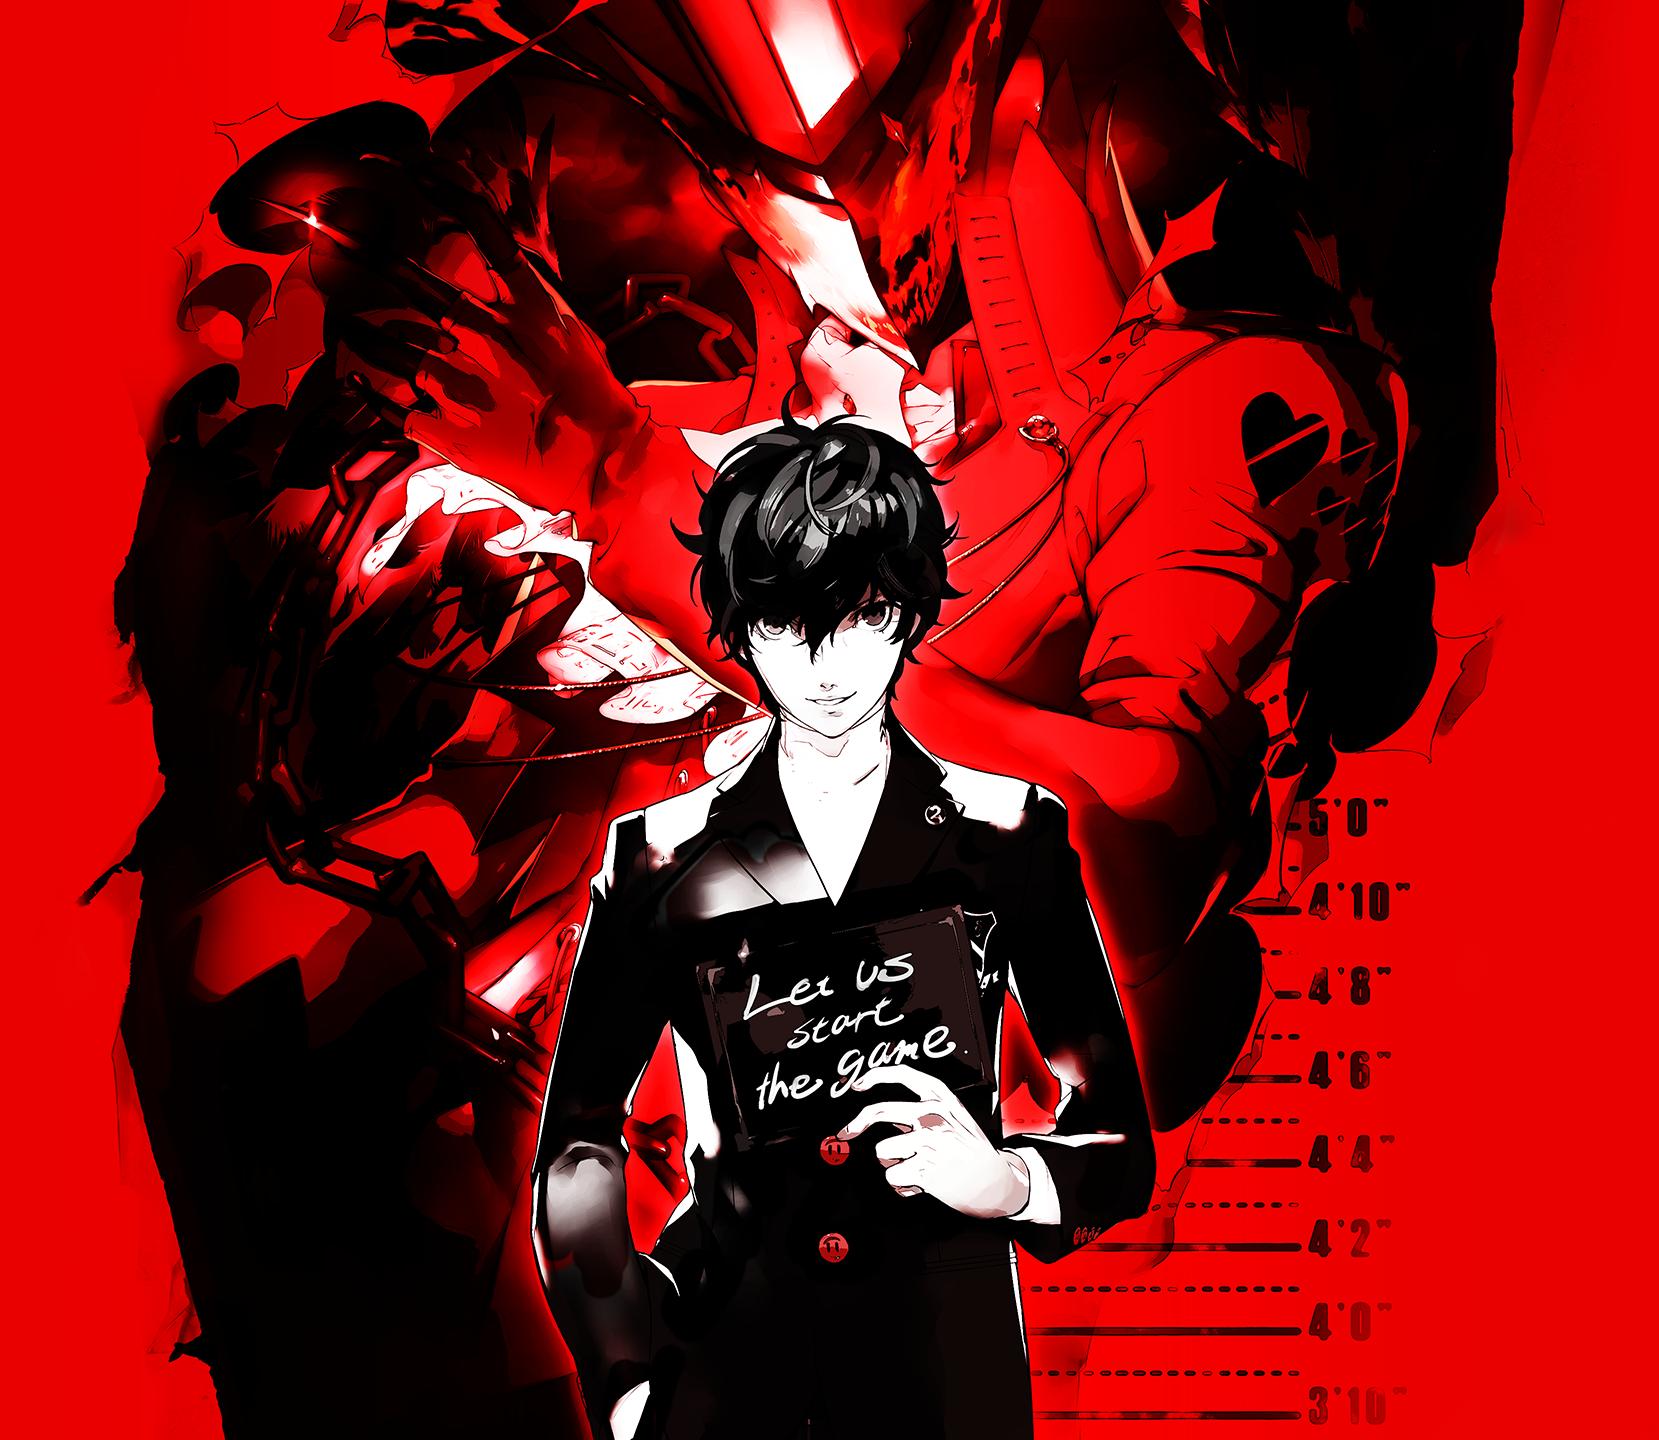 Persona 5 ya tiene fecha de lanzamiento